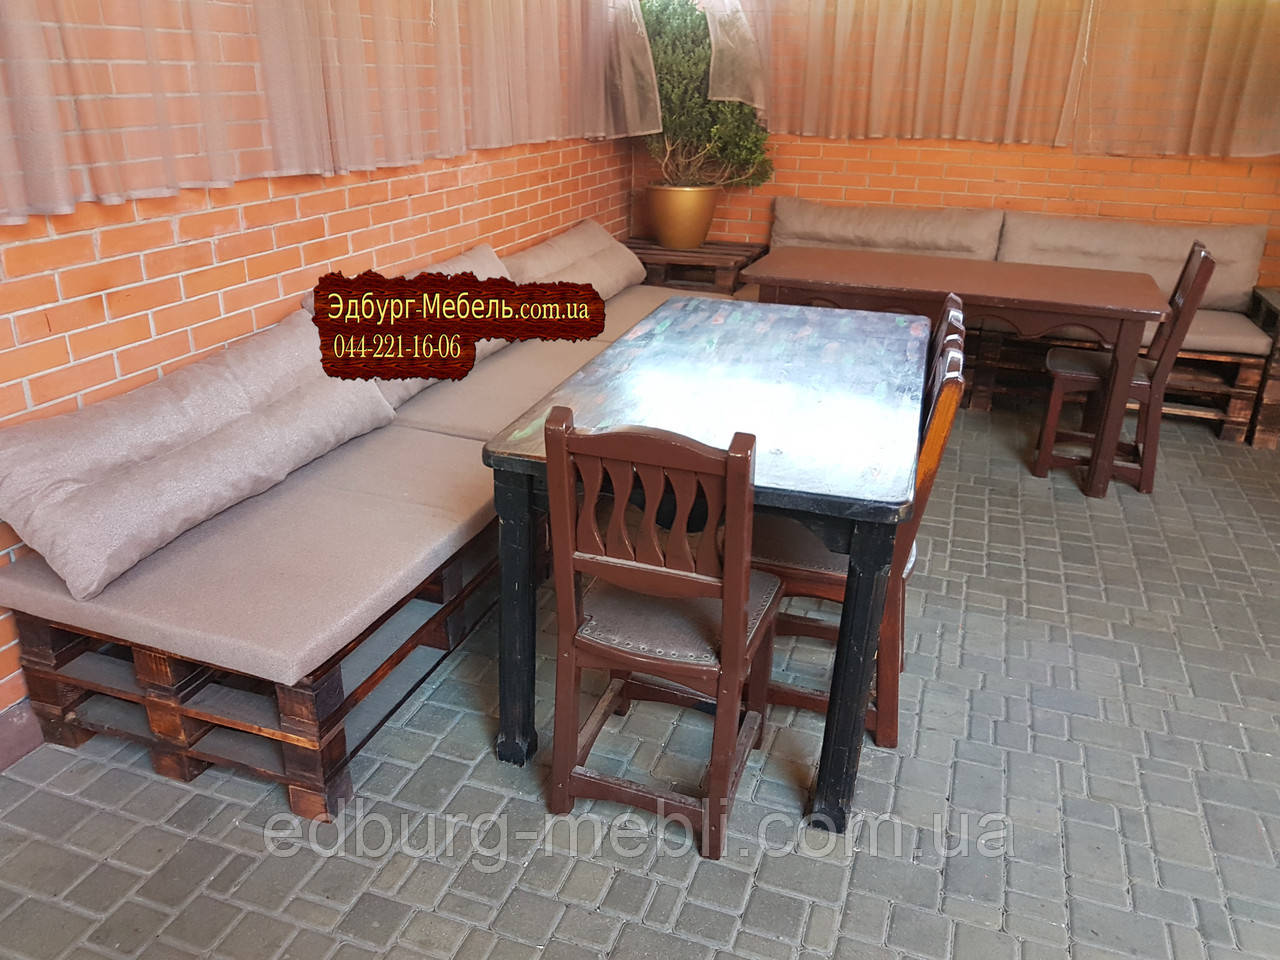 Подушки для мебели из паллет, поддонов - фото 4